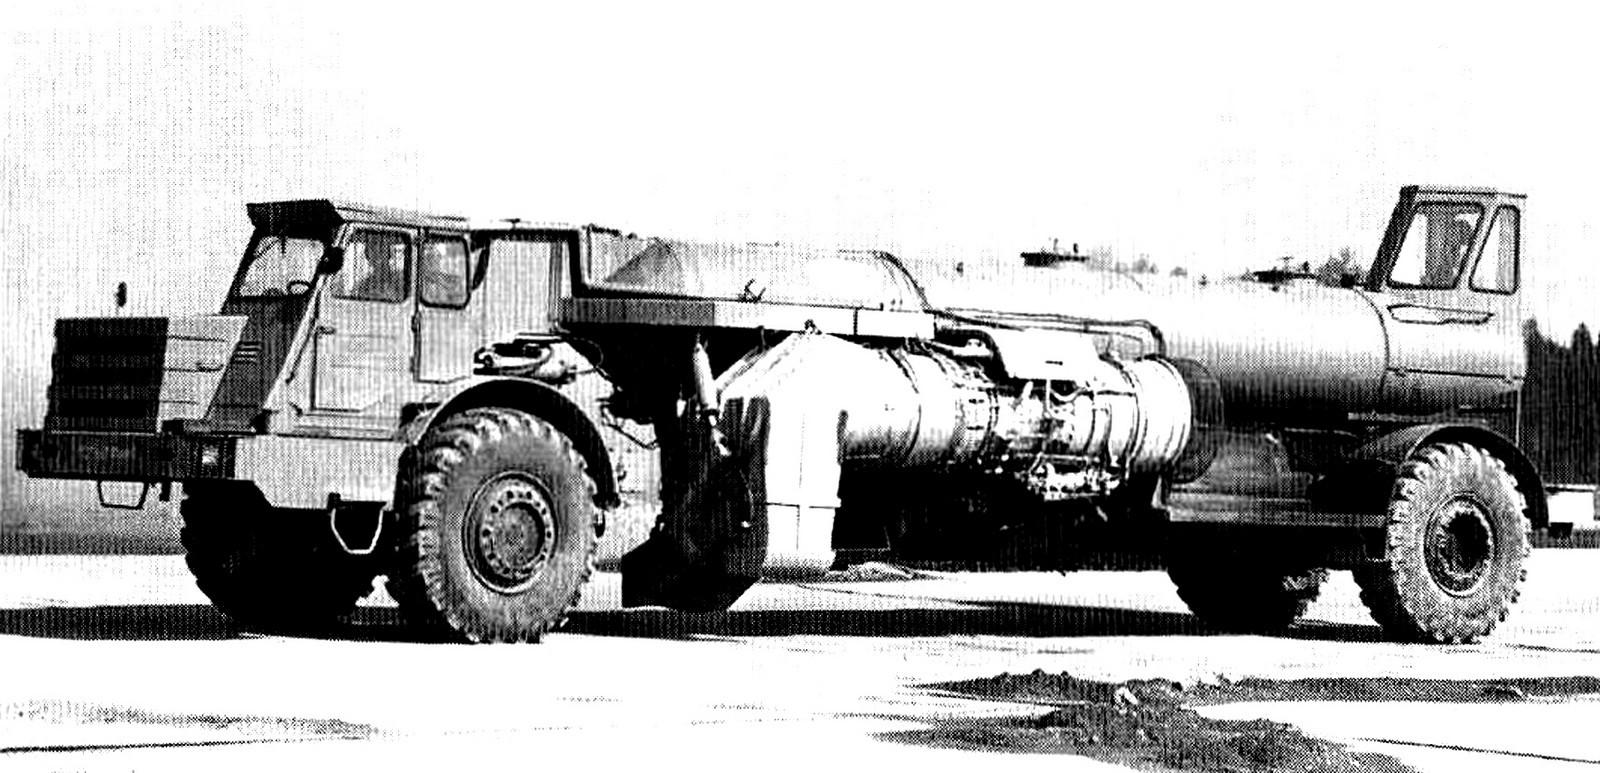 Опытная аэродромная машина ДЭ-229 с авиационным двигателем и кабиной управления